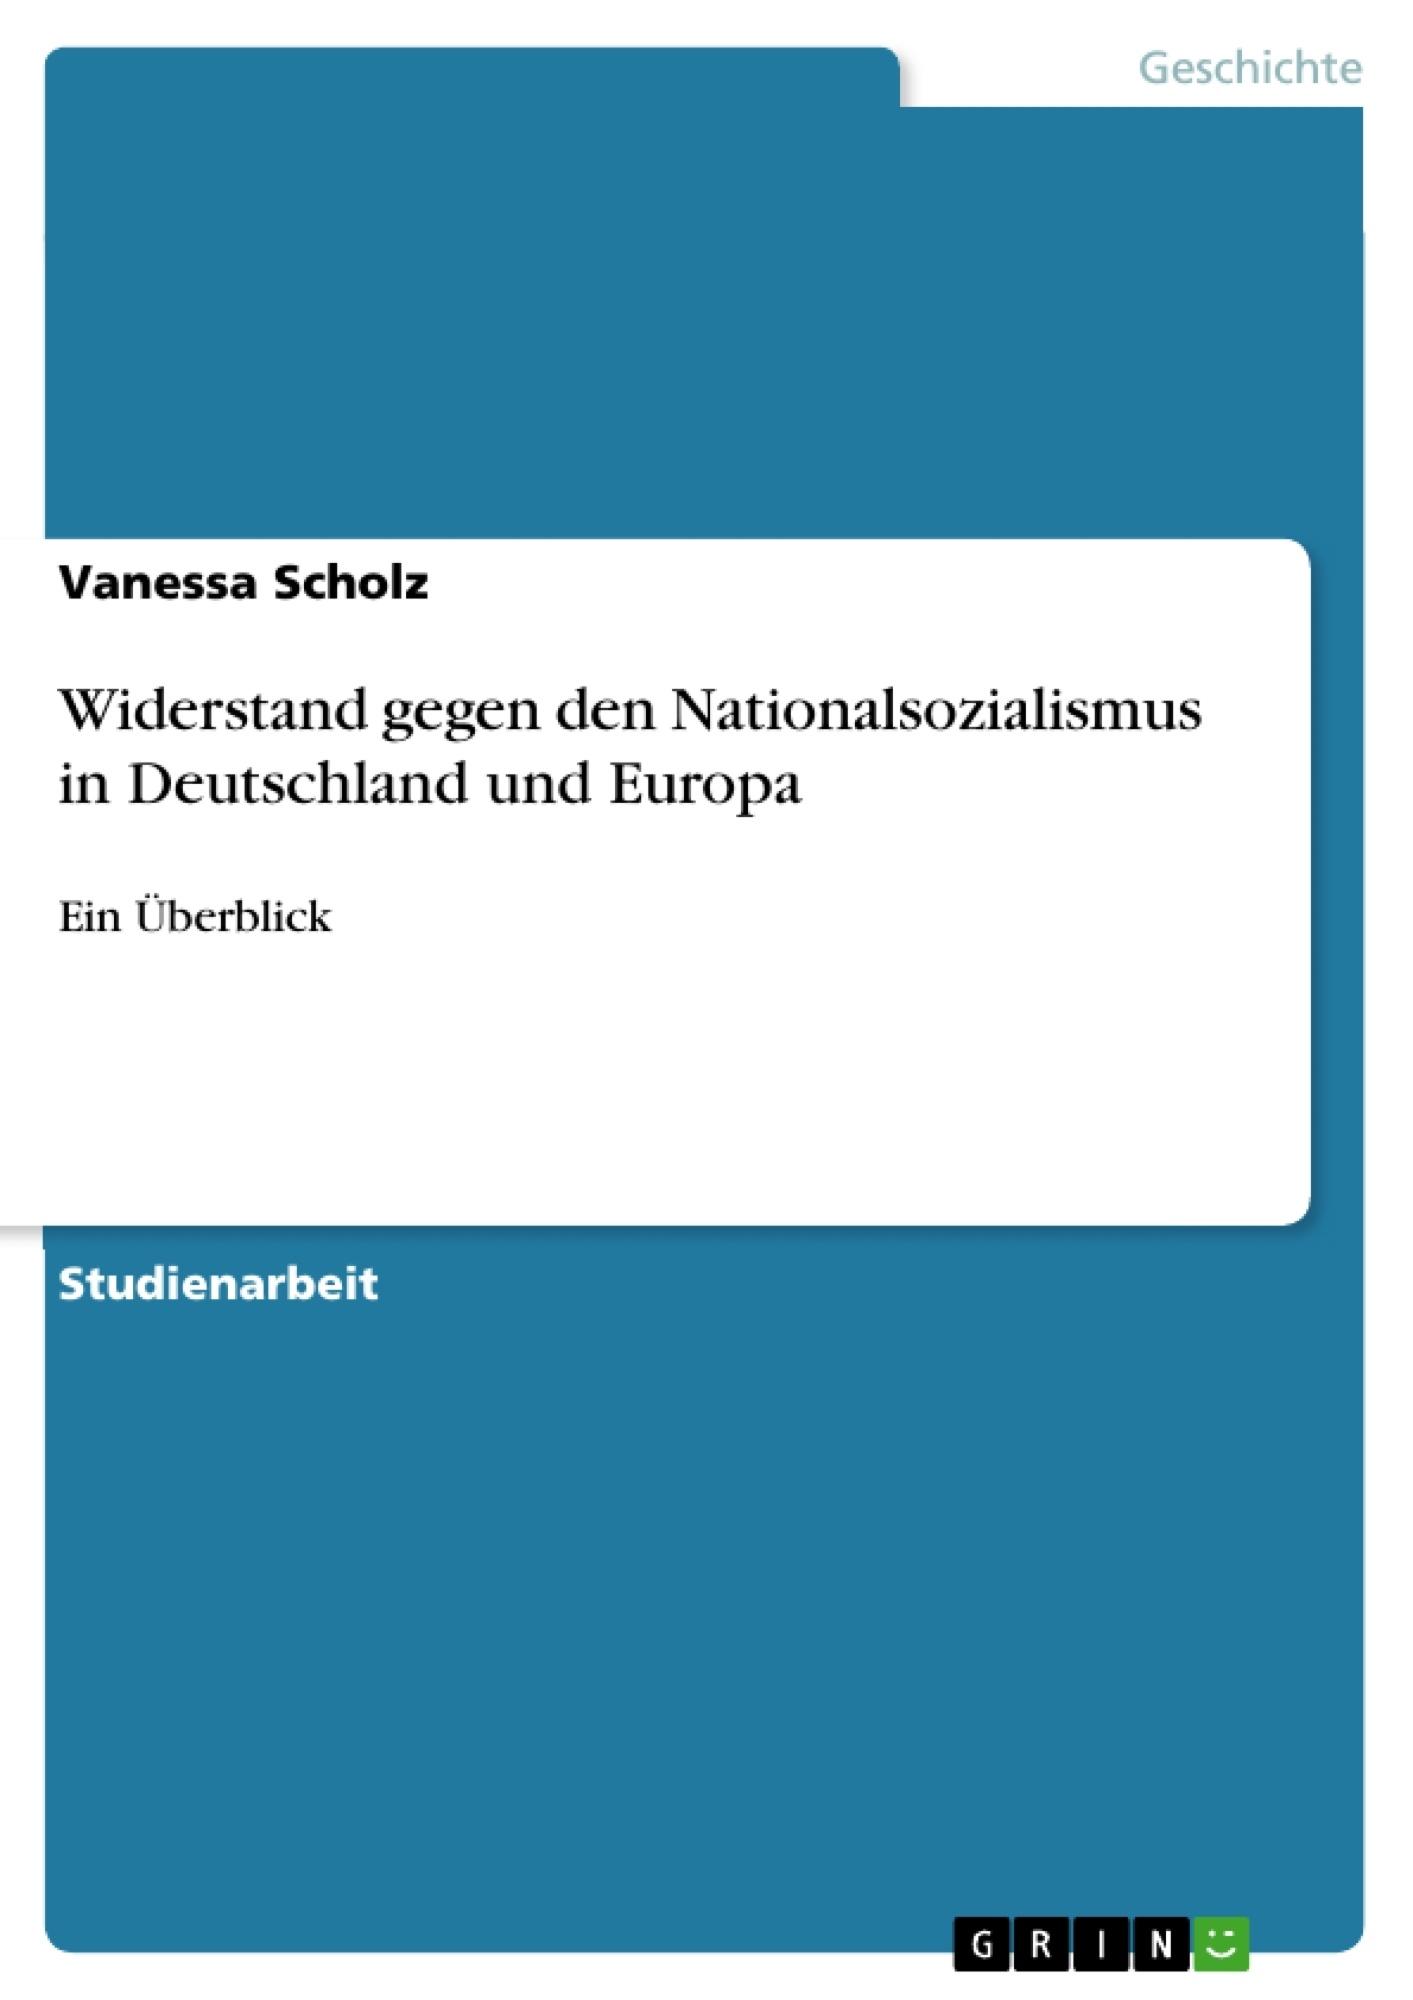 Titel: Widerstand gegen den Nationalsozialismus in Deutschland und Europa